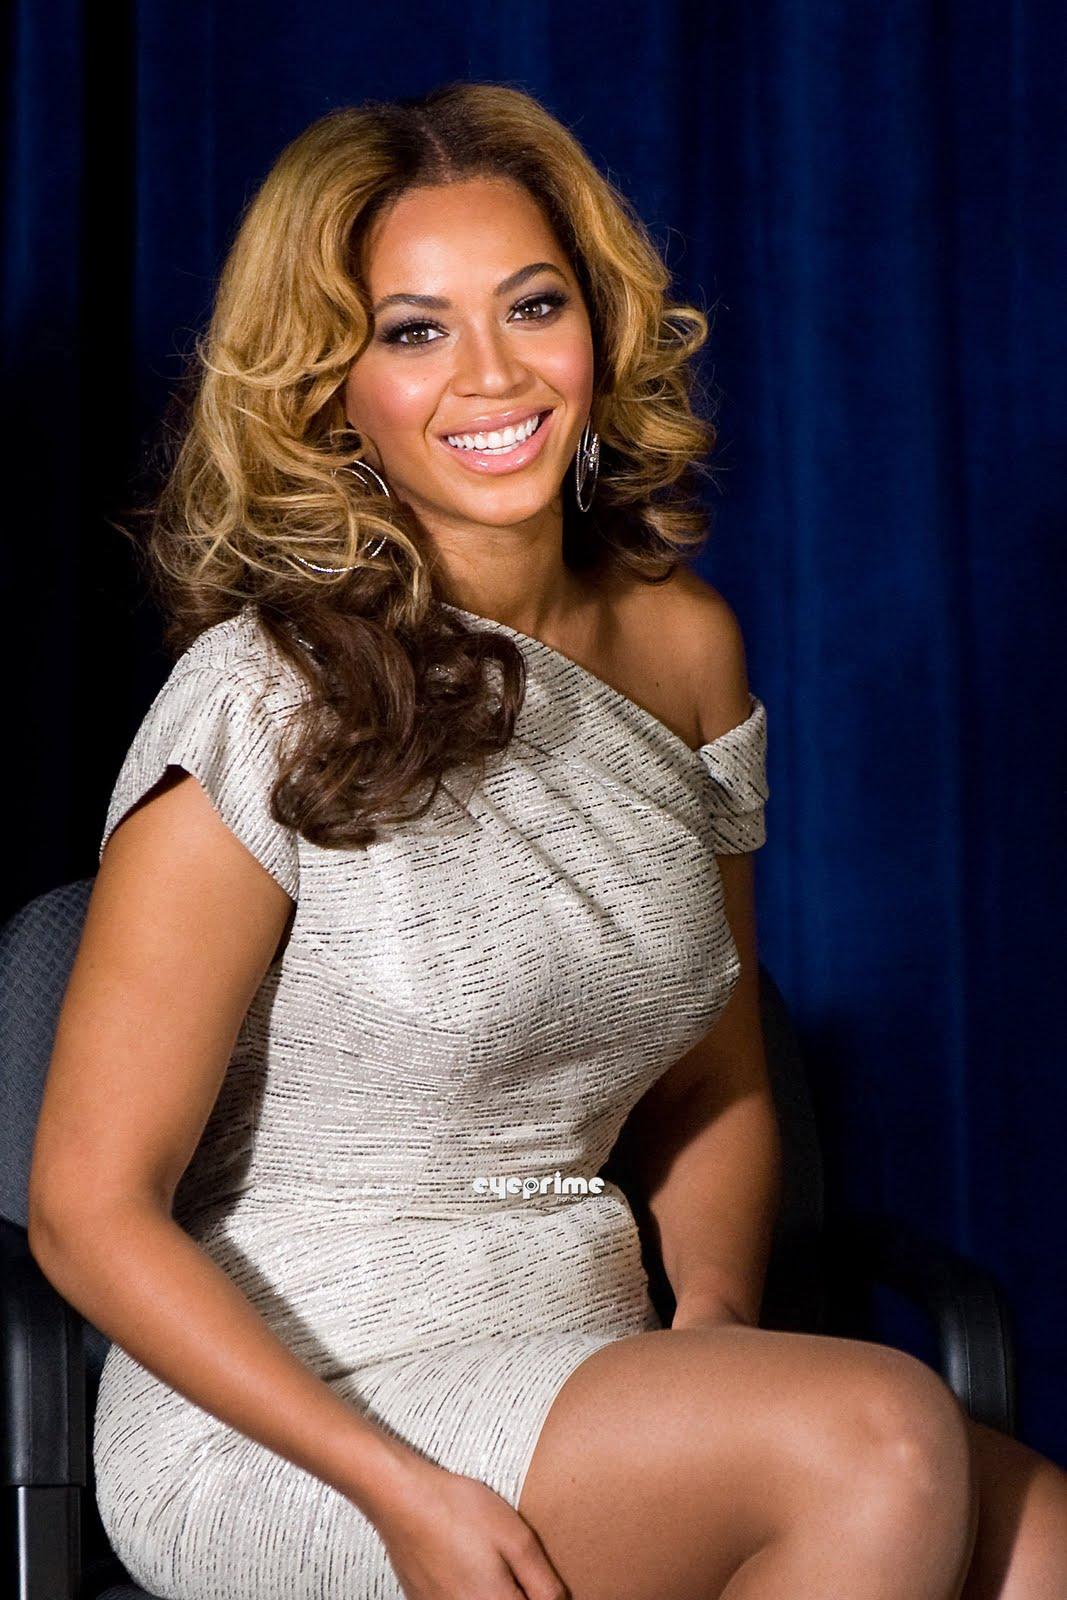 http://2.bp.blogspot.com/_6A8j2EQmANk/S8wQUvu5InI/AAAAAAAACV4/uQgvxYUUsOs/s1600/Beyonce3.jpg